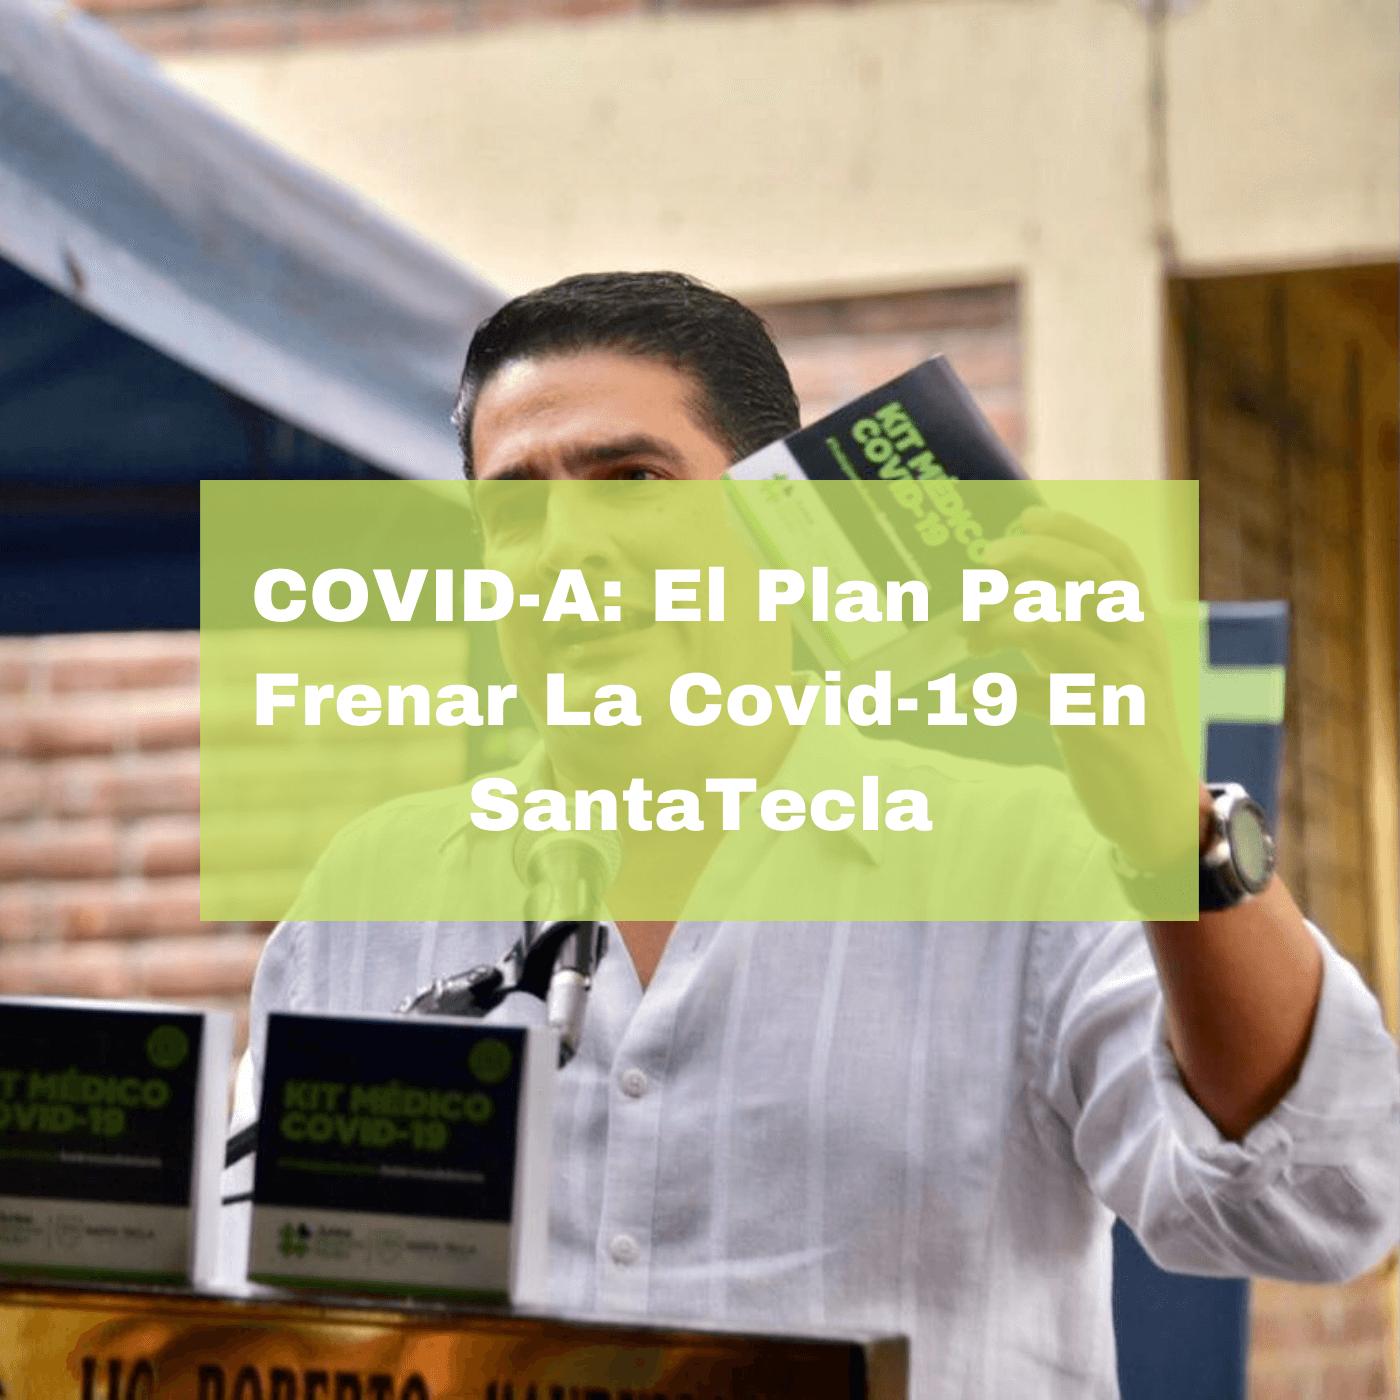 COVID-A El Plan Para Frenar La Covid-19 En Santa Tecla. Foto portada. Infografía. Roberto d'Aubuisson. 2021